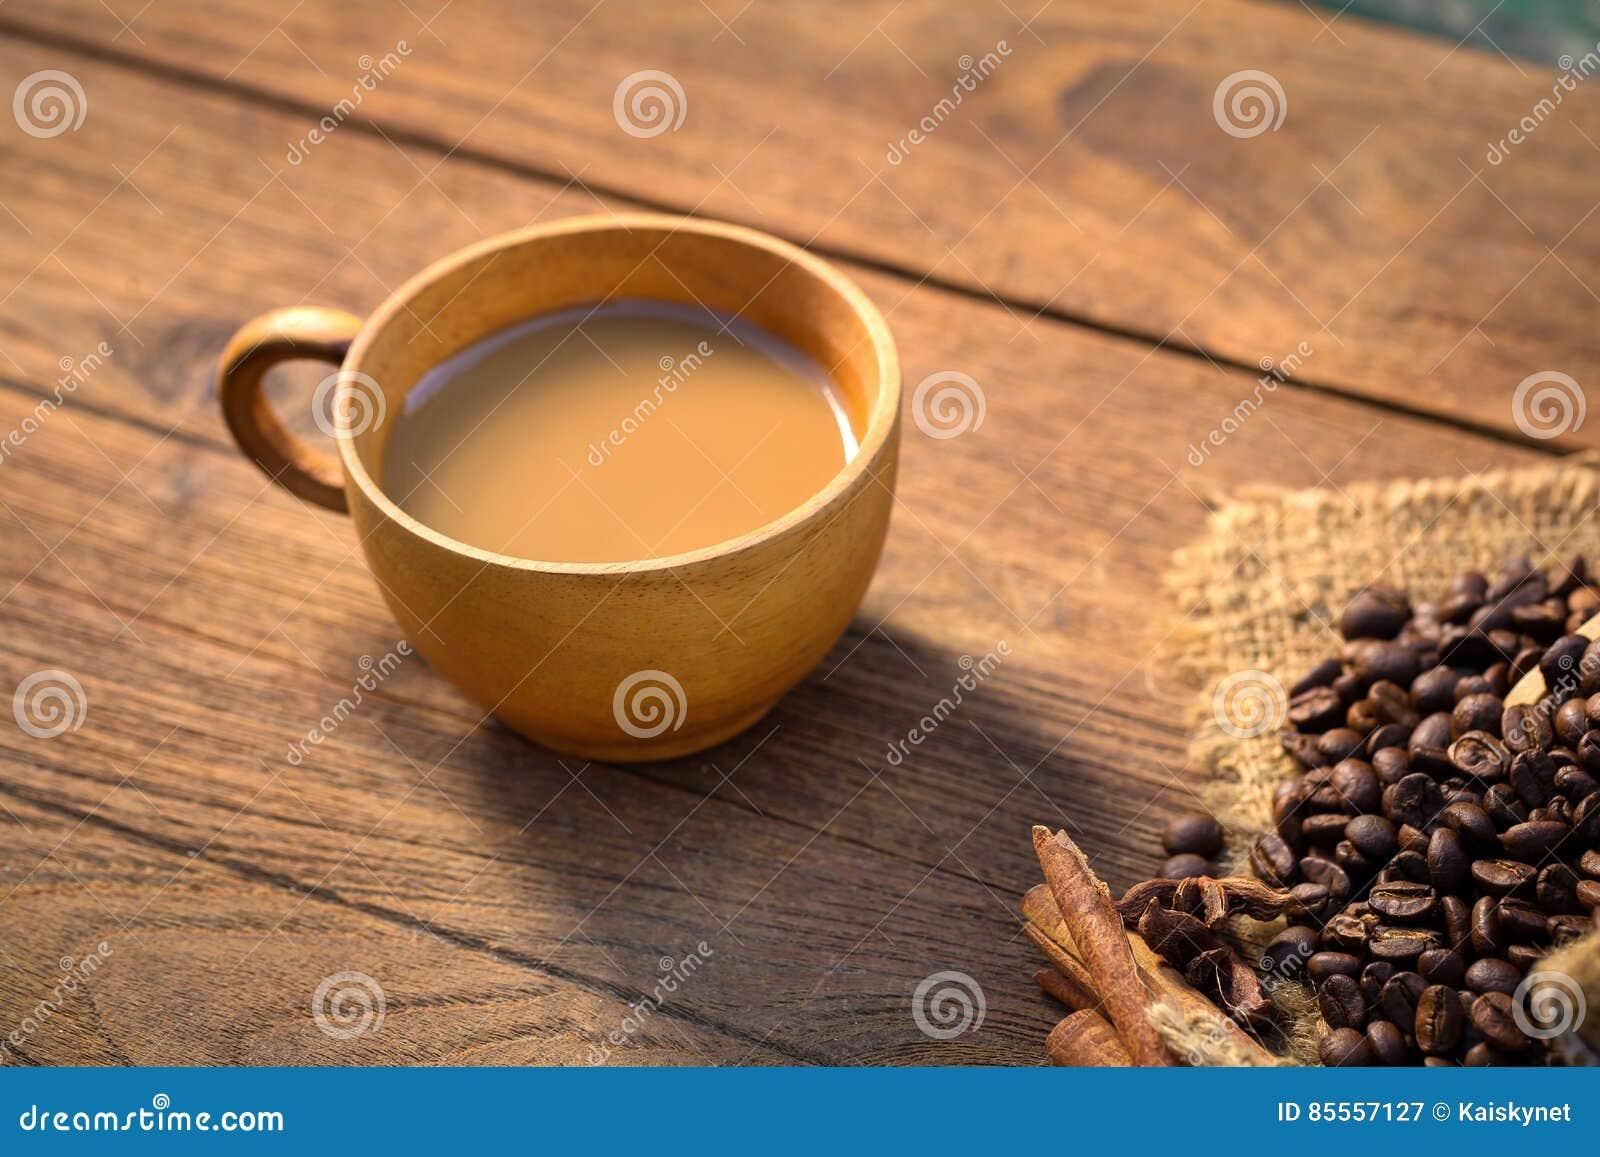 Kaffeetasse und Kaffeebohnen auf hölzernem Hintergrund